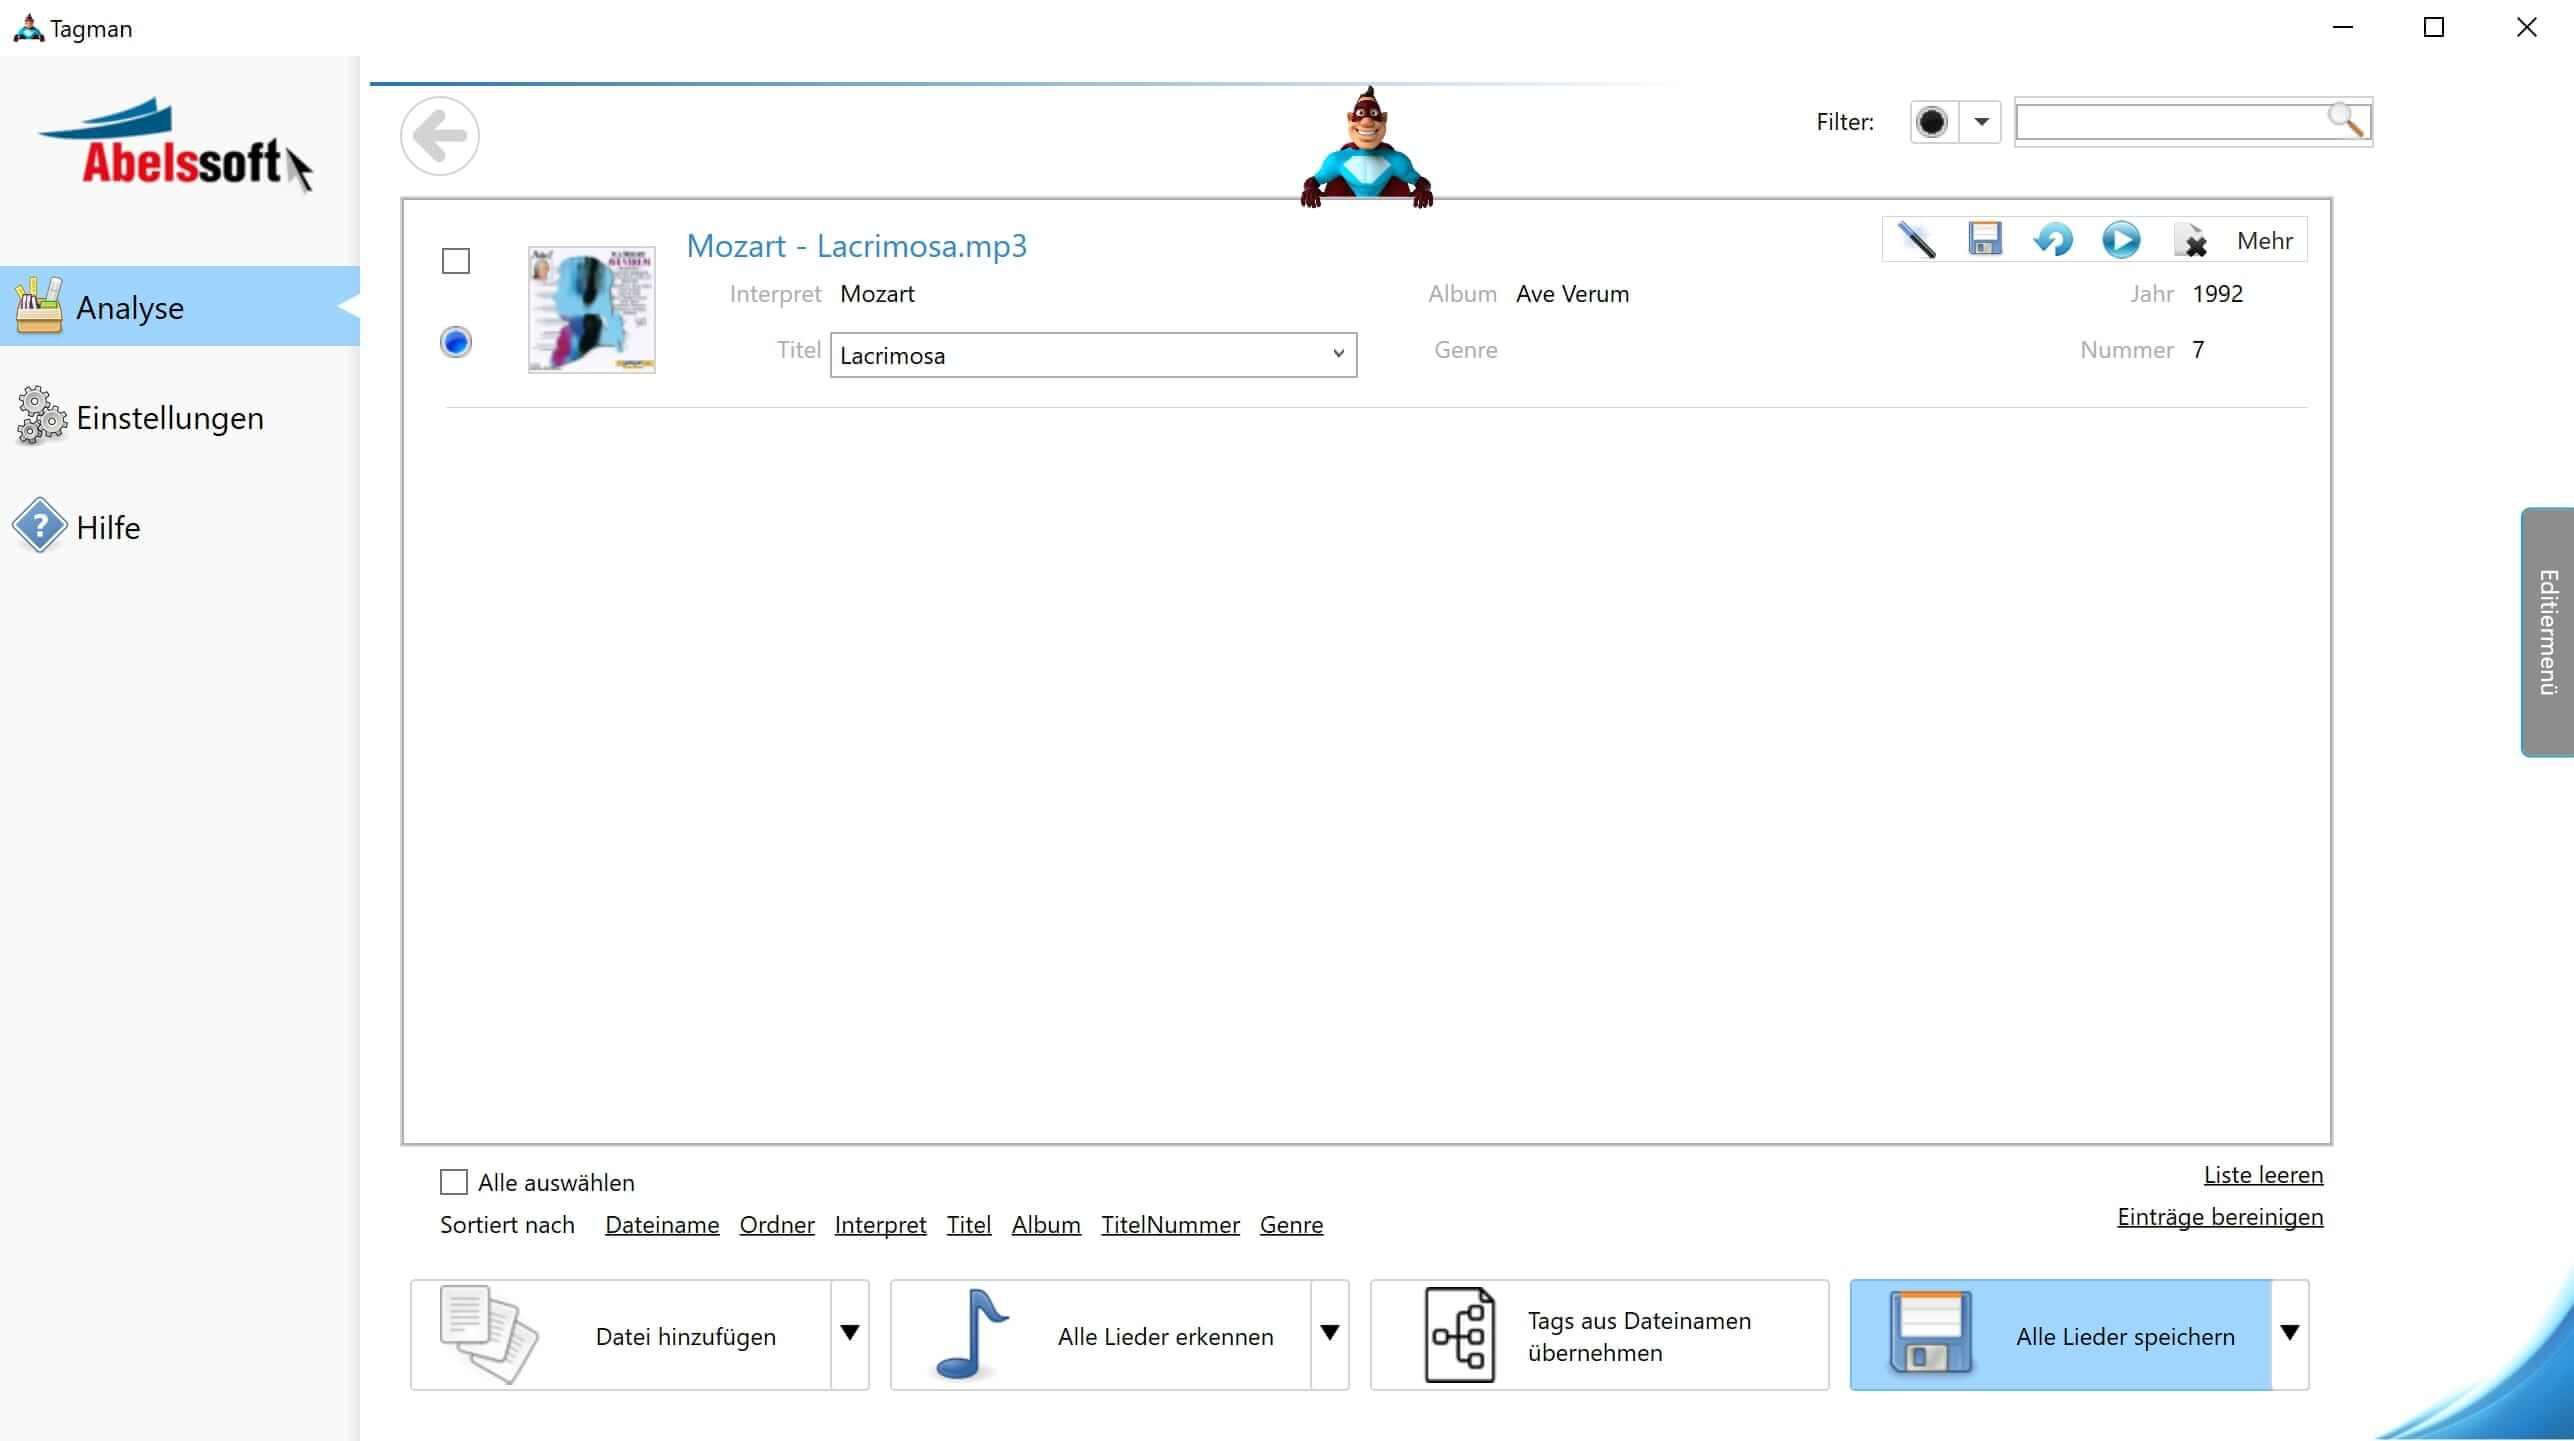 MP3 Interpret und Titel bearbeiten - Änderungen speichern